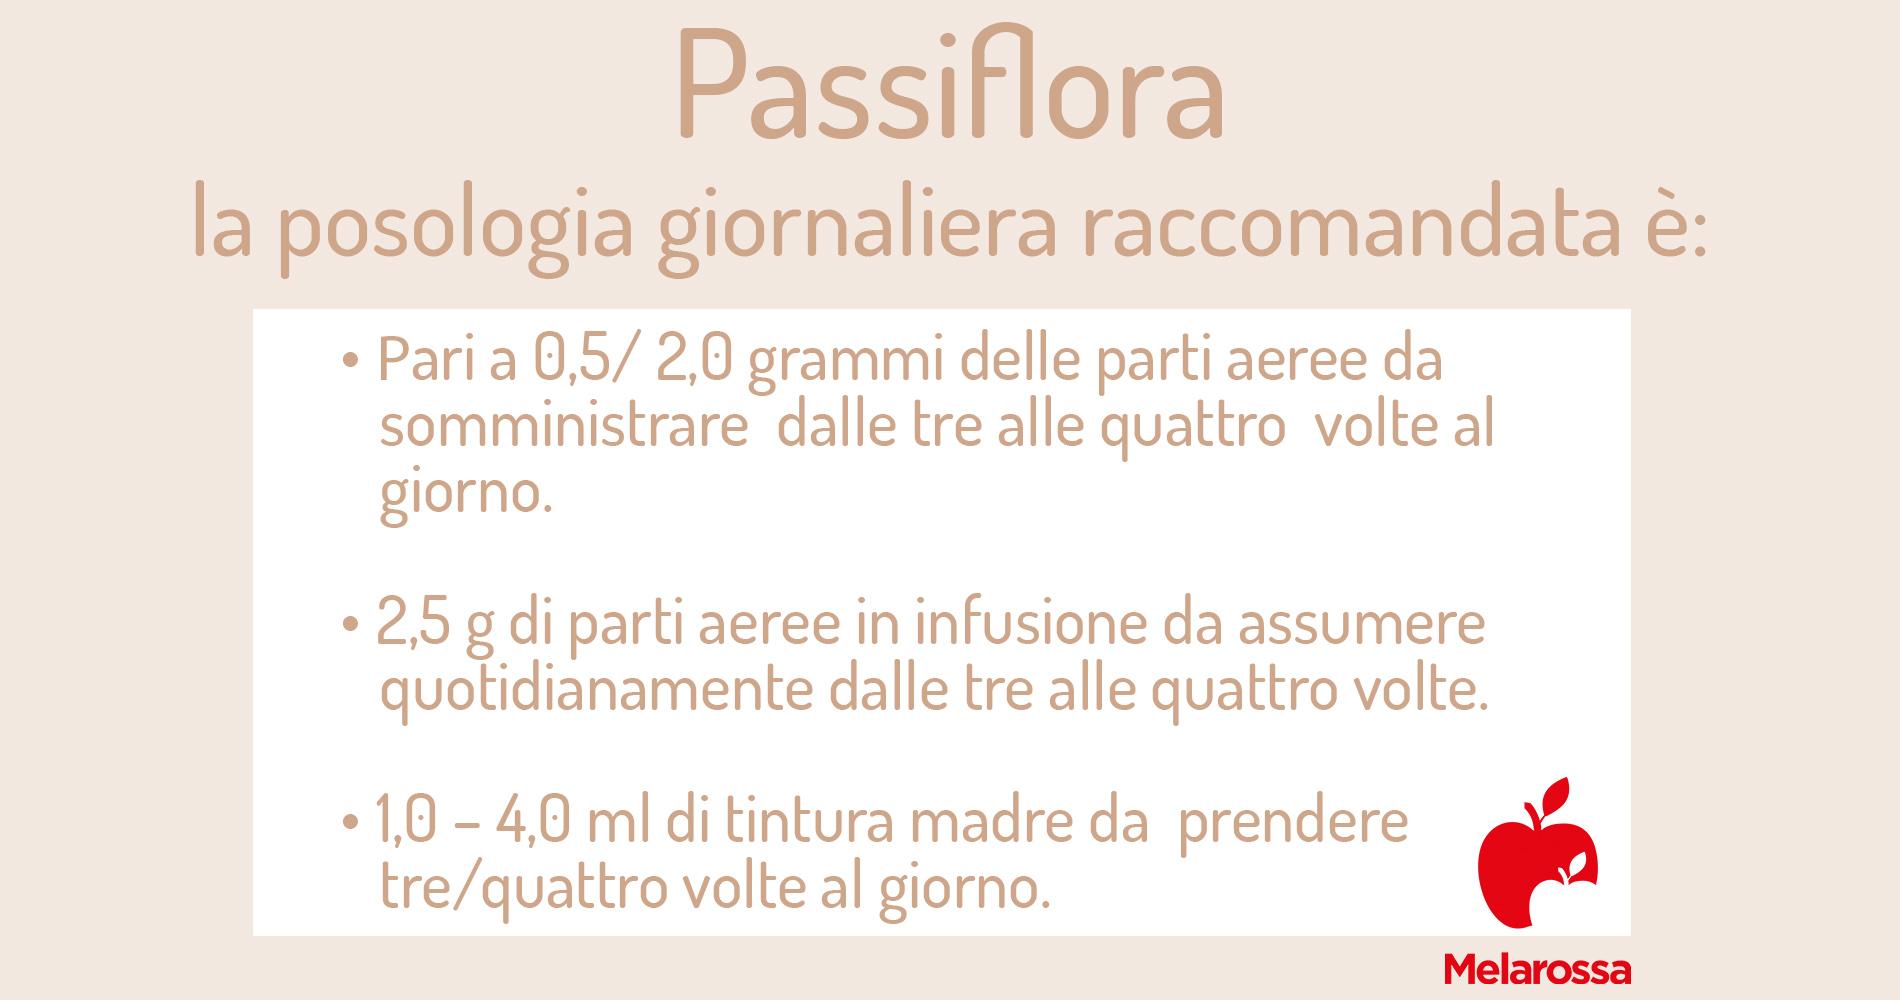 passiflora: posologia